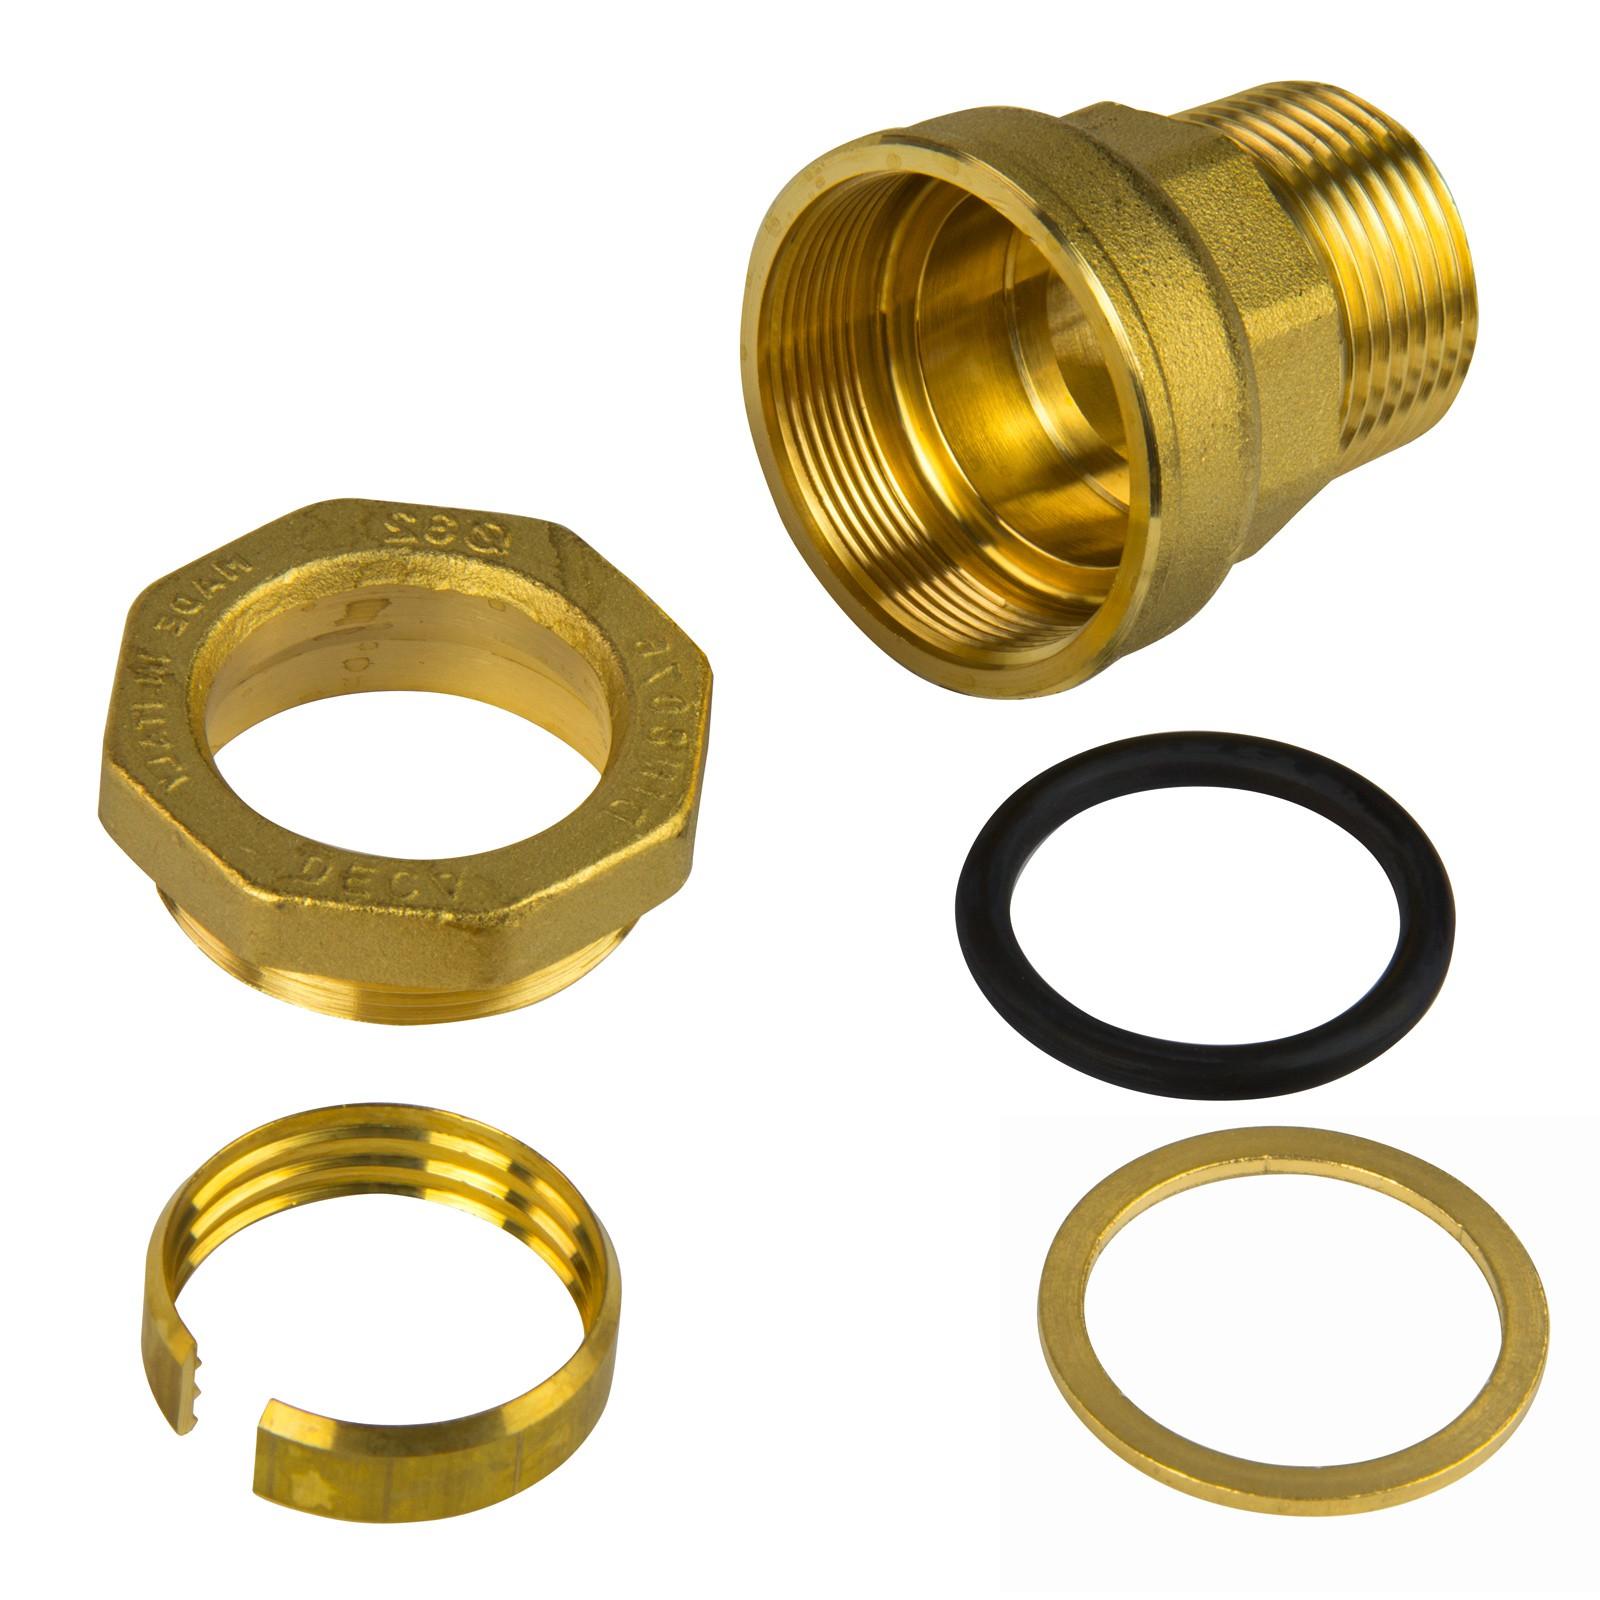 Gut Messing PE Rohr Verschraubung 32 mm x 3/4 Zoll AG Übergang  BZ92